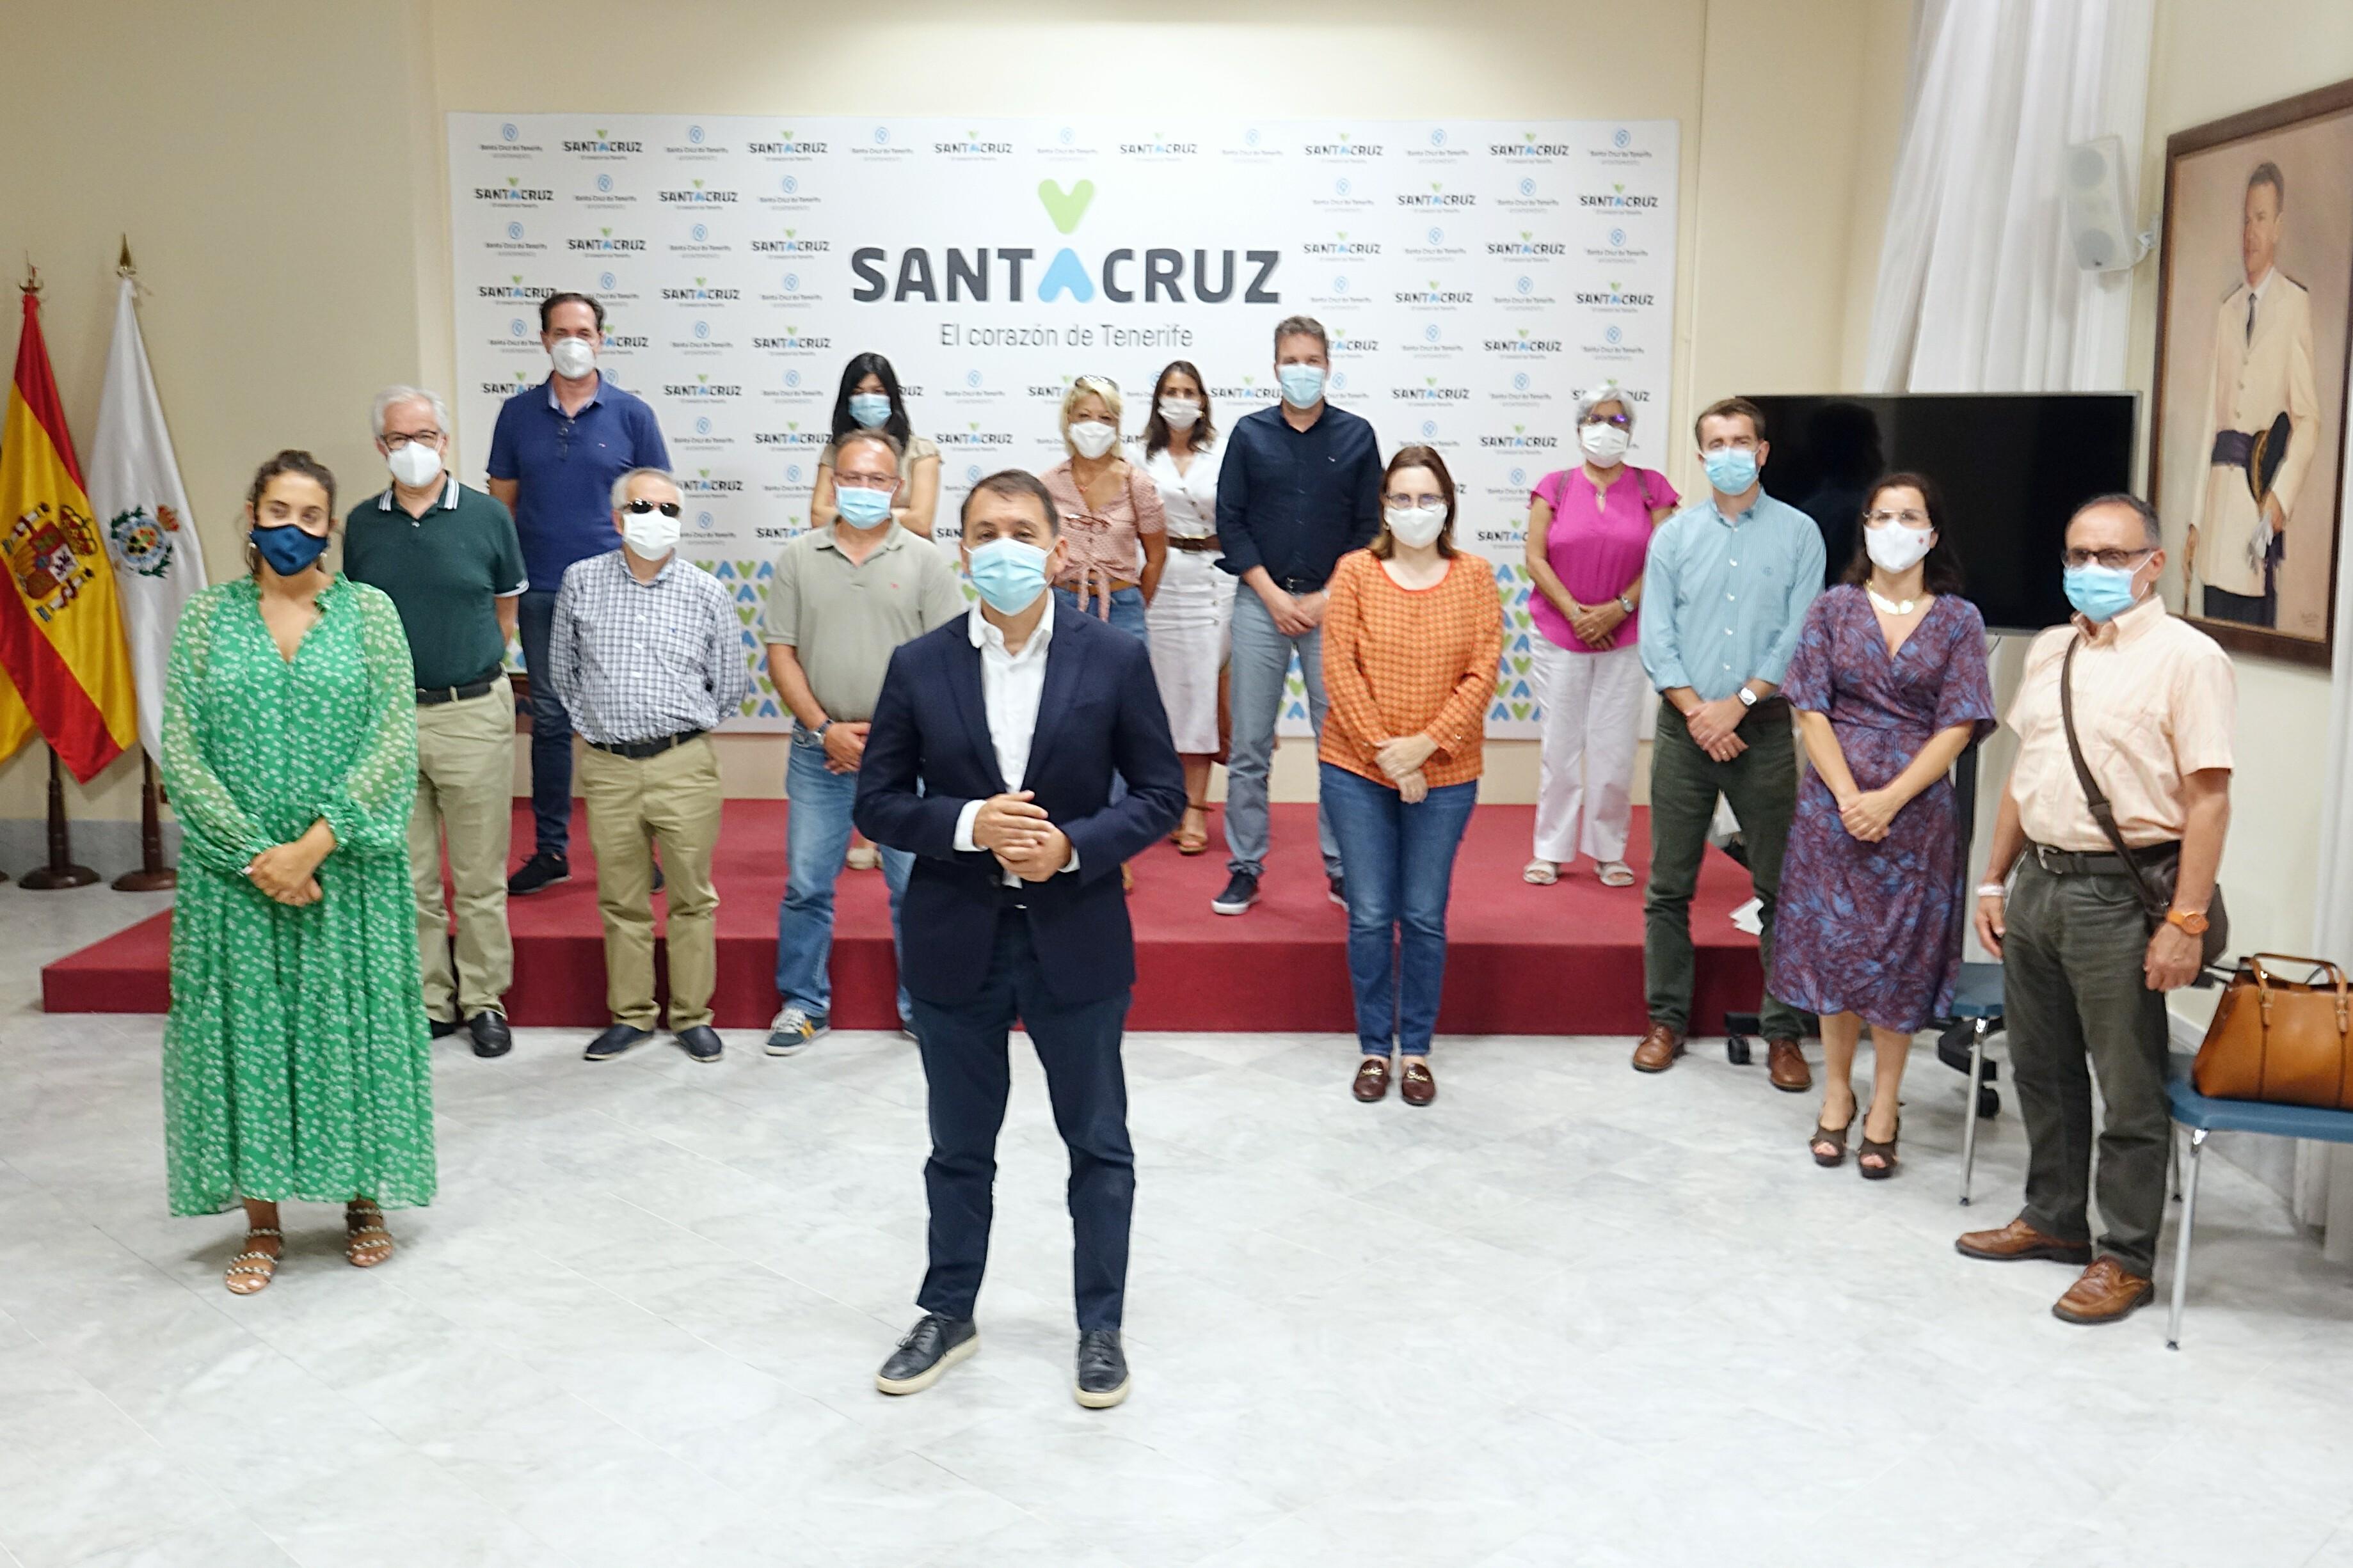 El alcalde José Manuel Bermúdez se reúne con el Tercer Sector. SC Tenerife